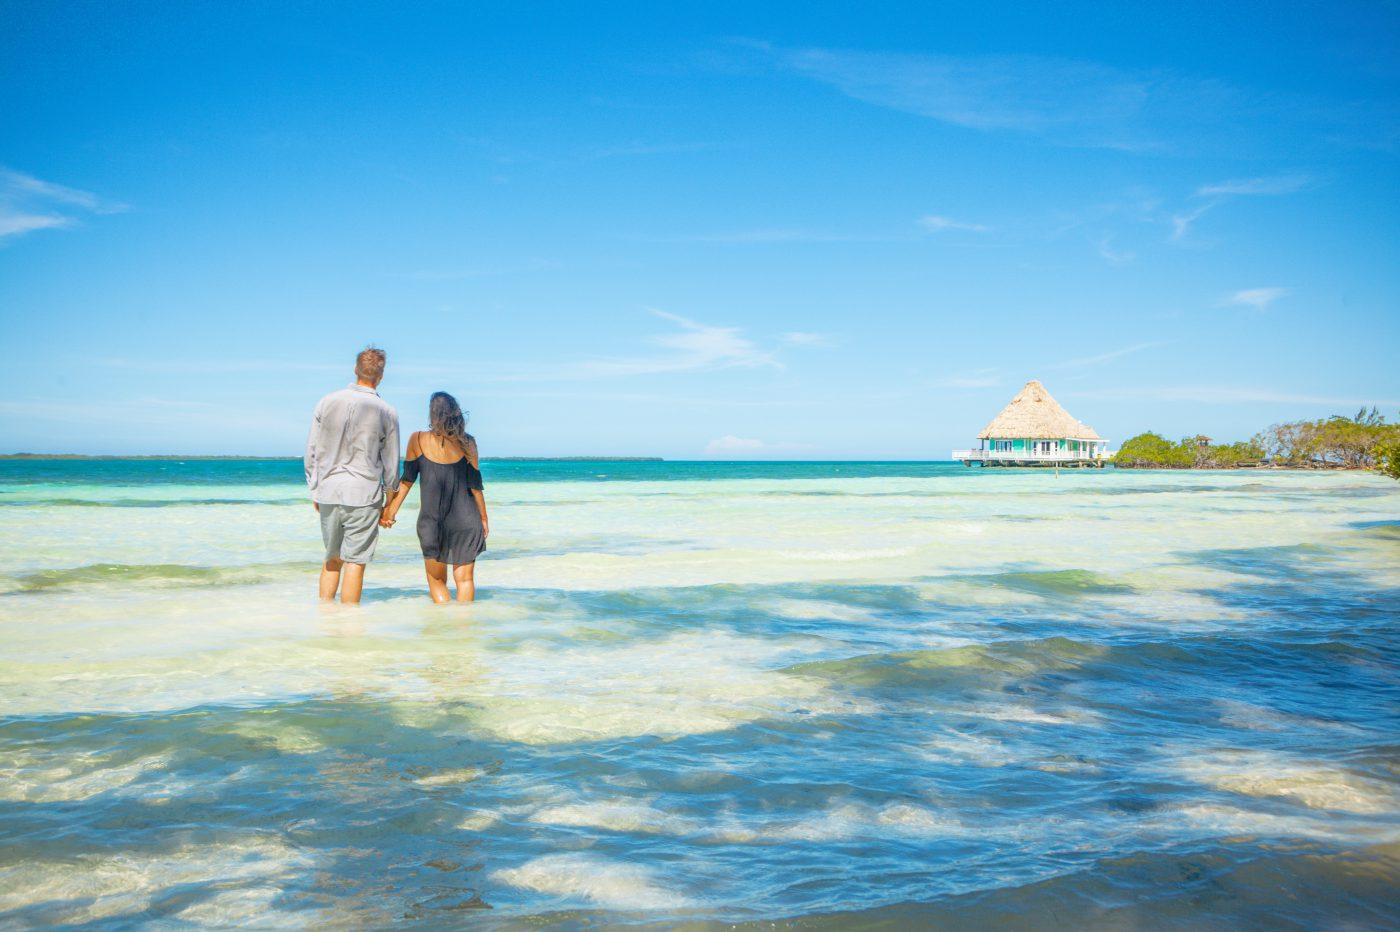 The Ultimate Honeymoon Destination in Belize